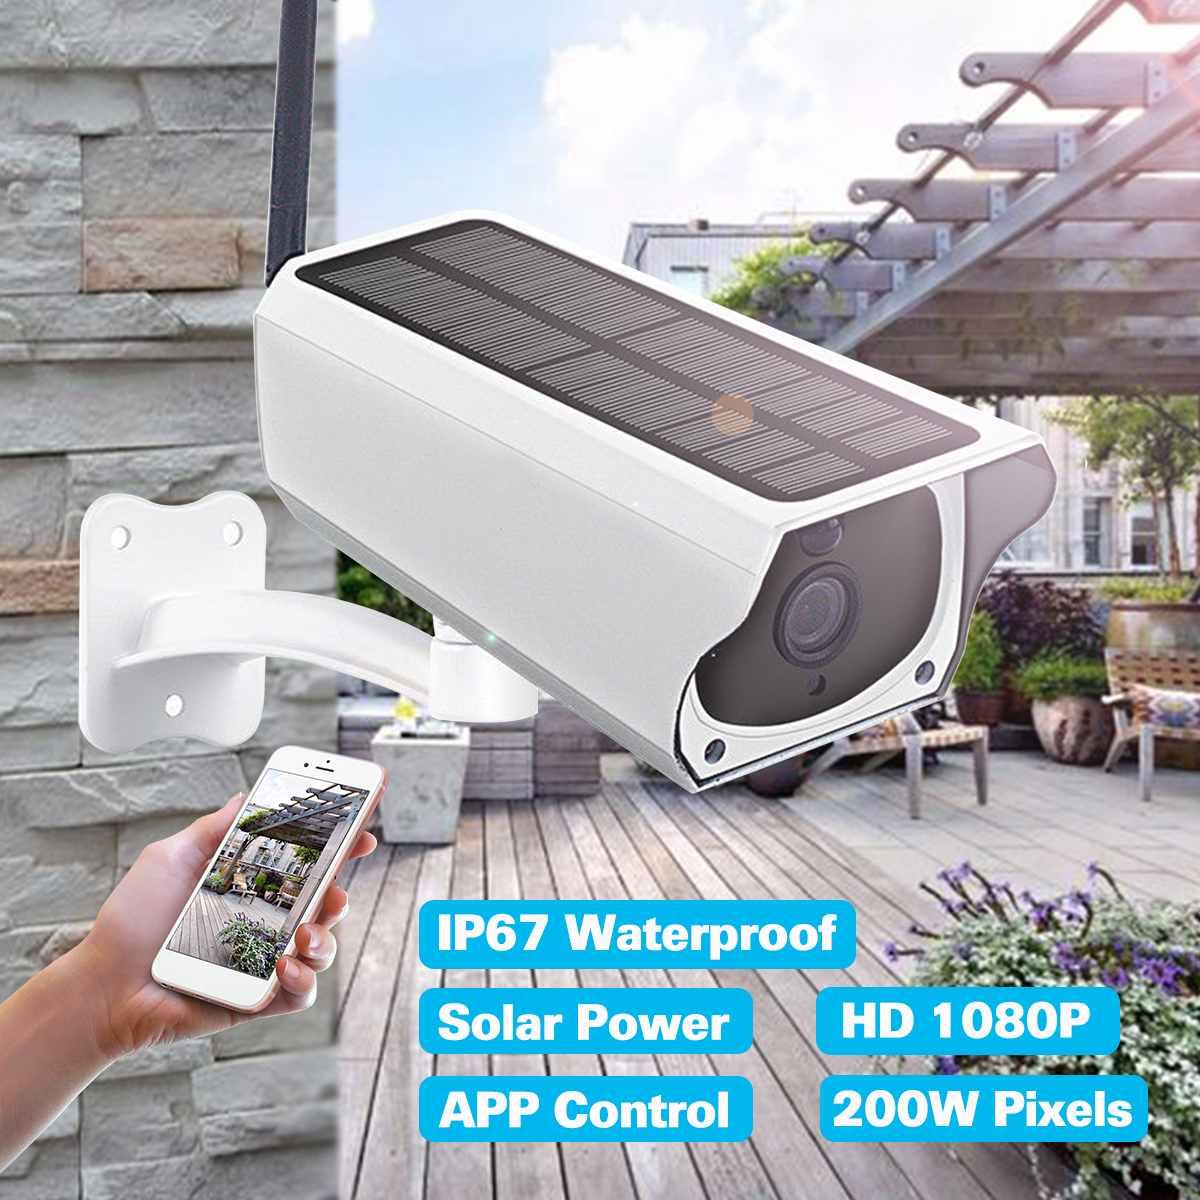 1080 P HD Wifi Беспроводная камера для домашнего видеонаблюдения водостойкая наружная Солнечная камера ИК ночного видения аудио камера динамик